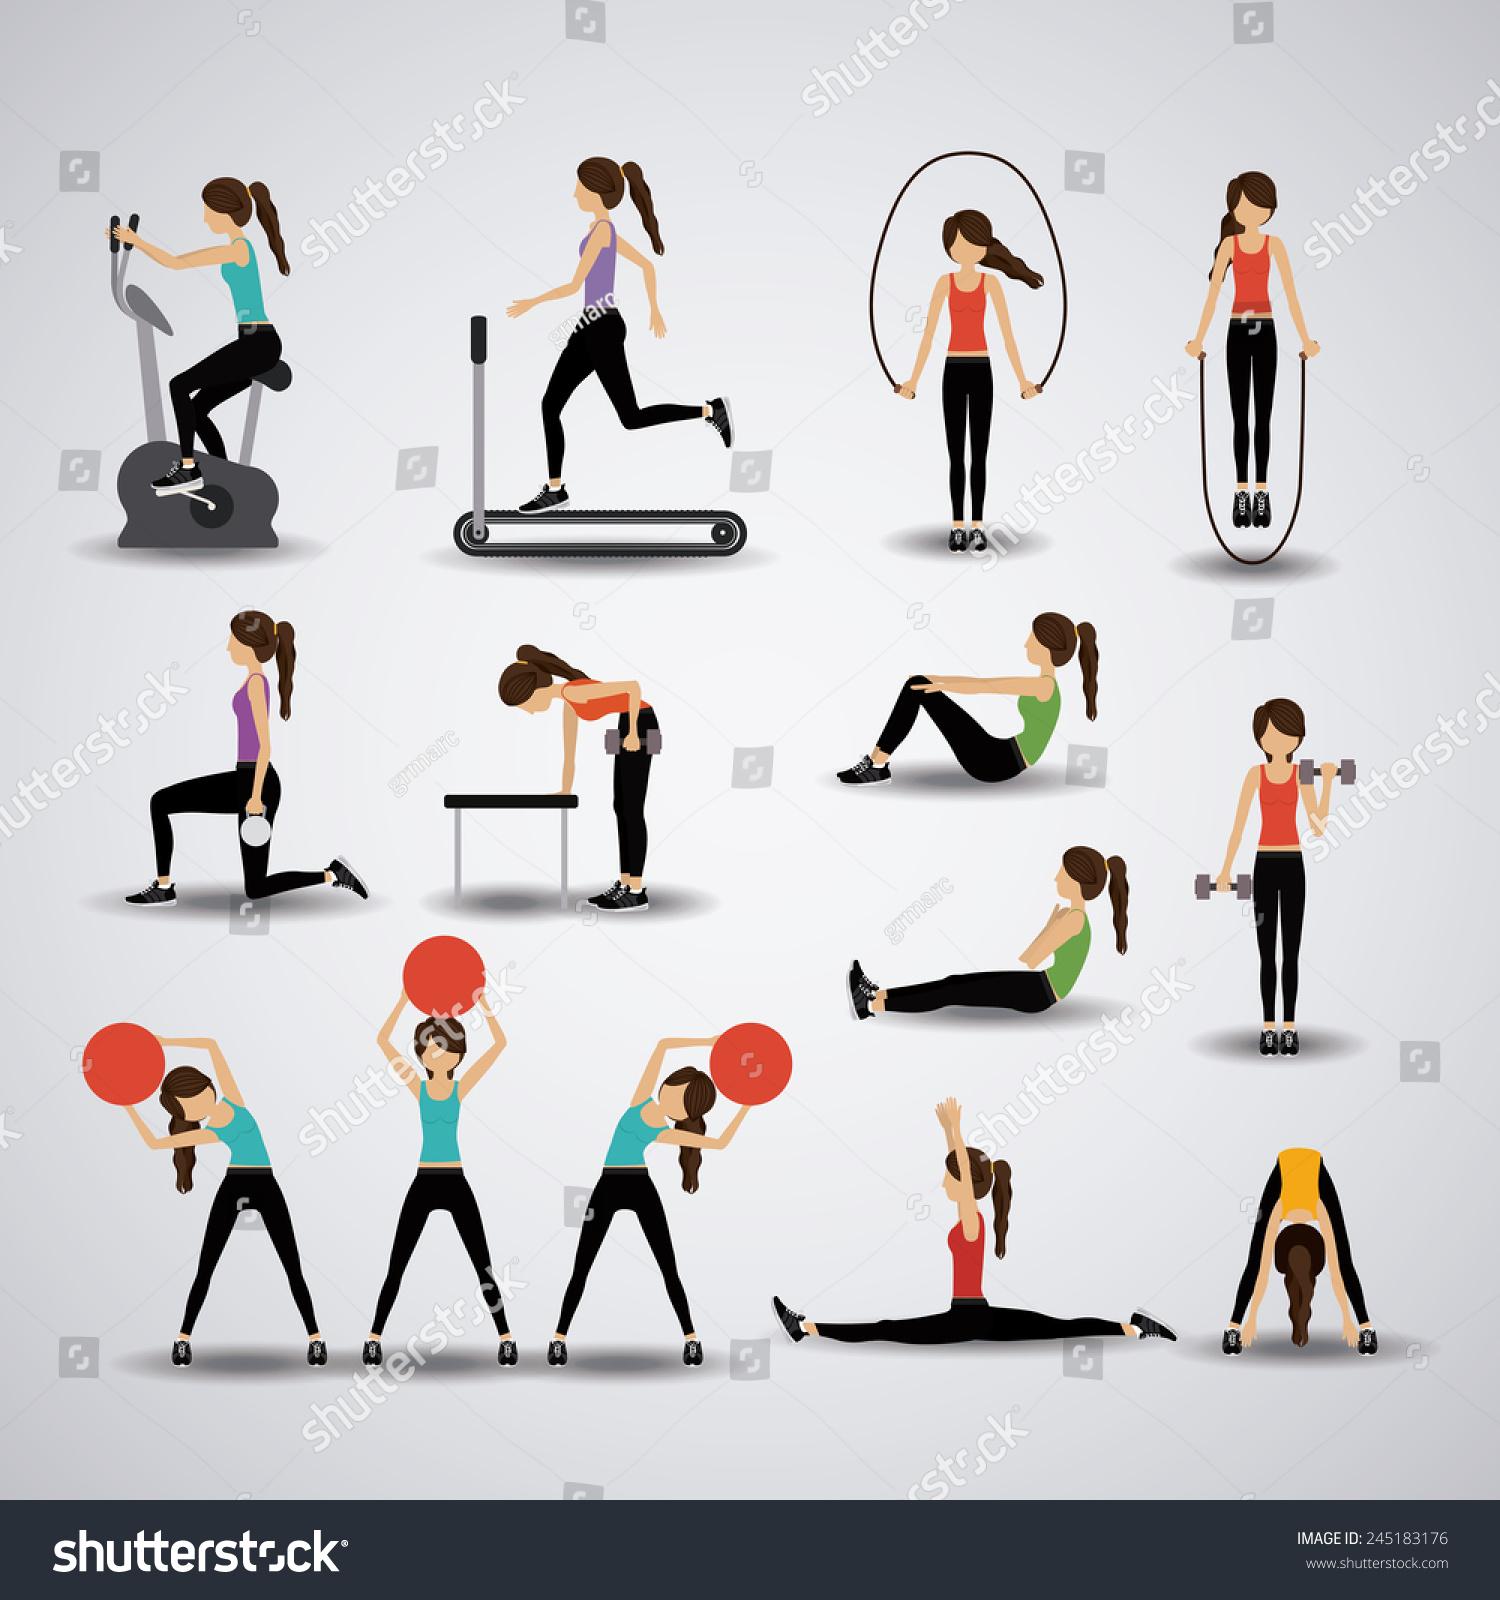 Fitness Design Over Gray Background Vector Stock Vector 245183176 ... for Physical Fitness Design  131fsj